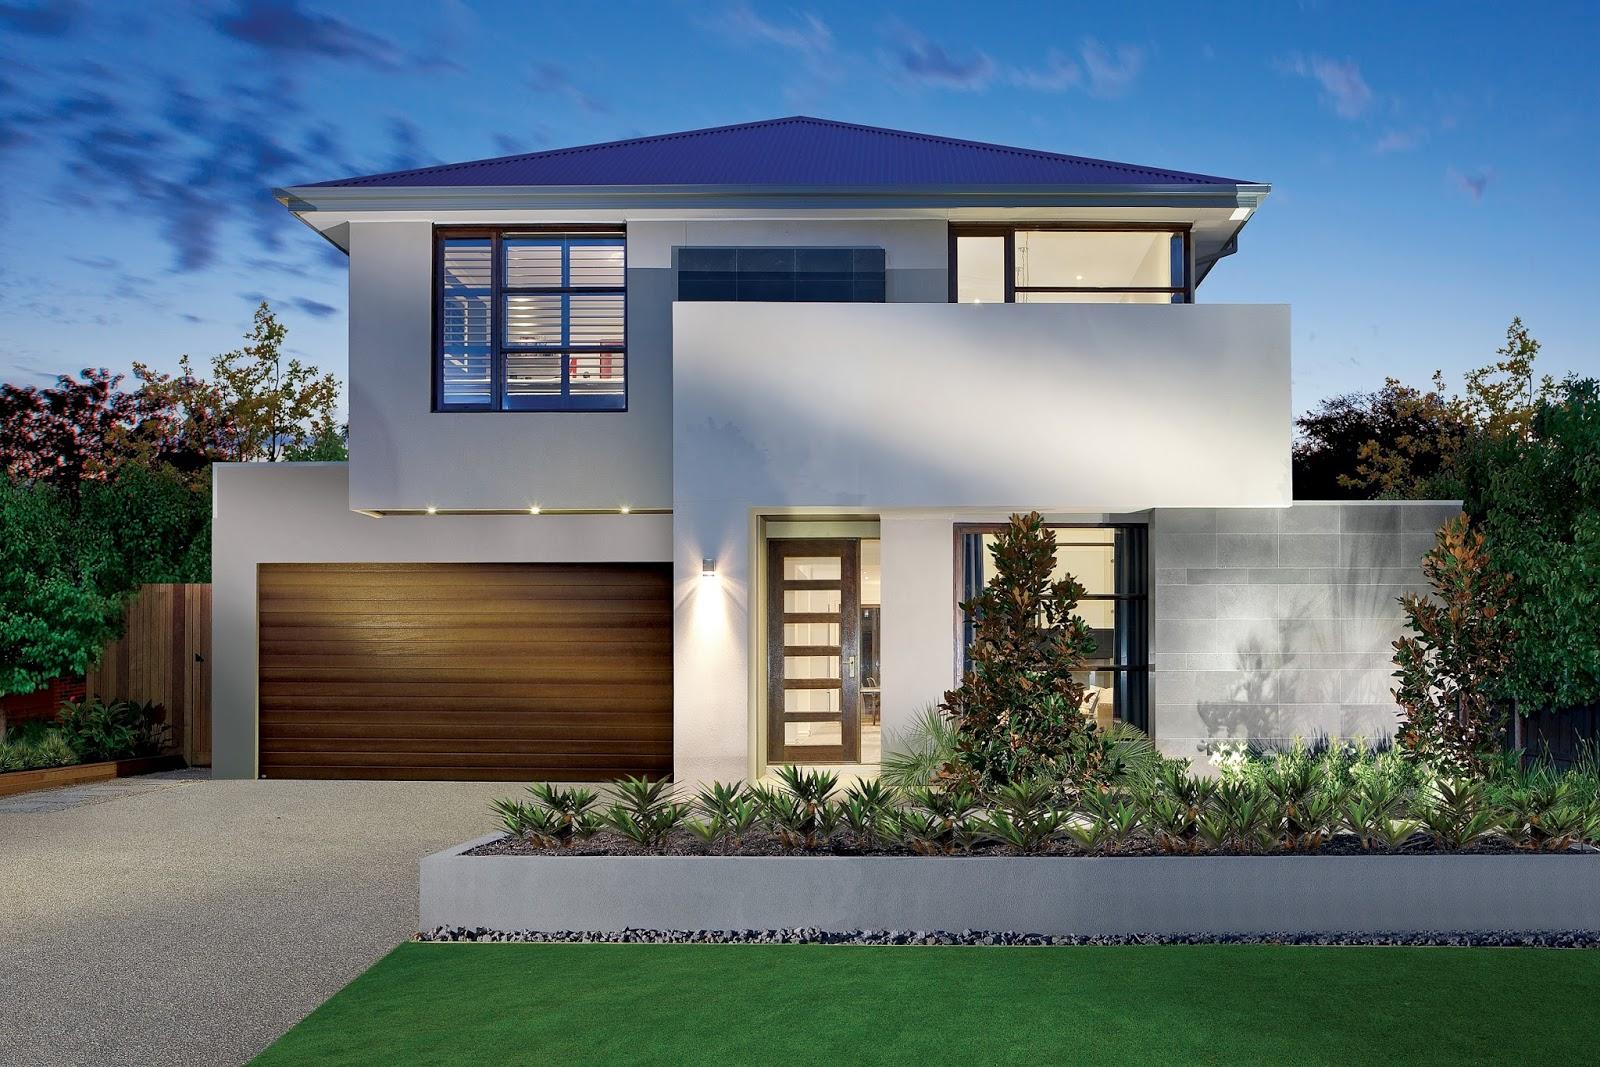 rumah model modern dengan pohon di bagian depan referensi